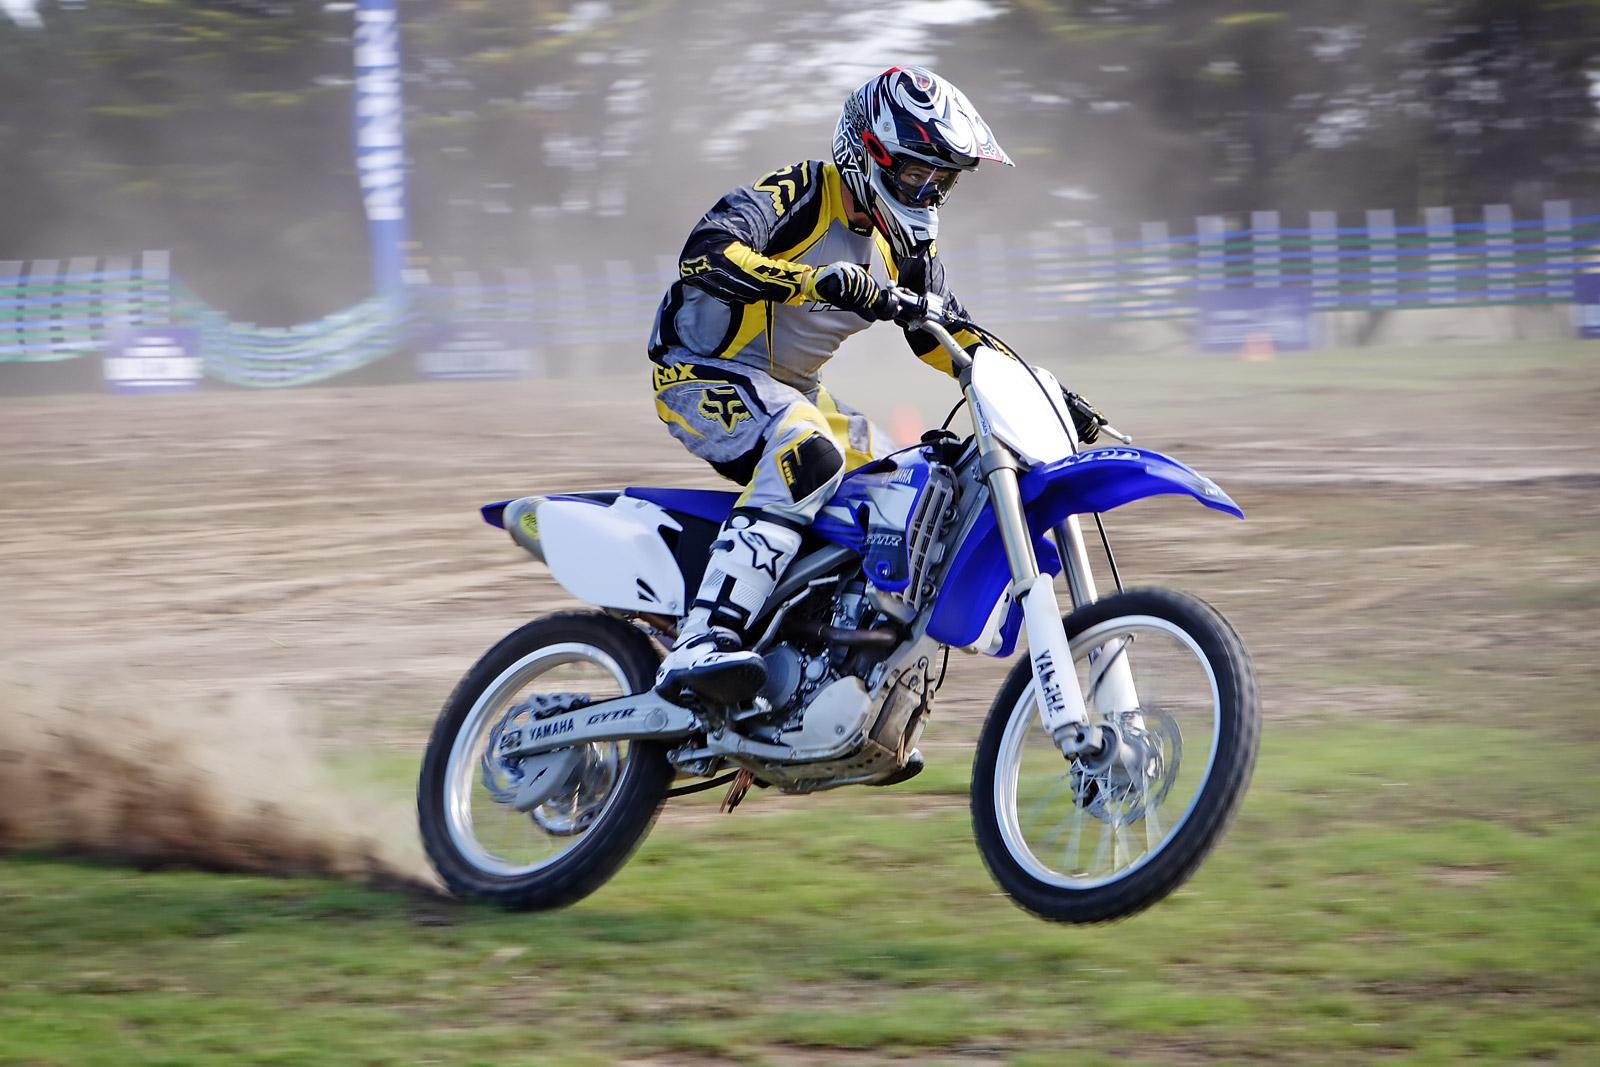 Где кататься на мотоциклах в Самаре?